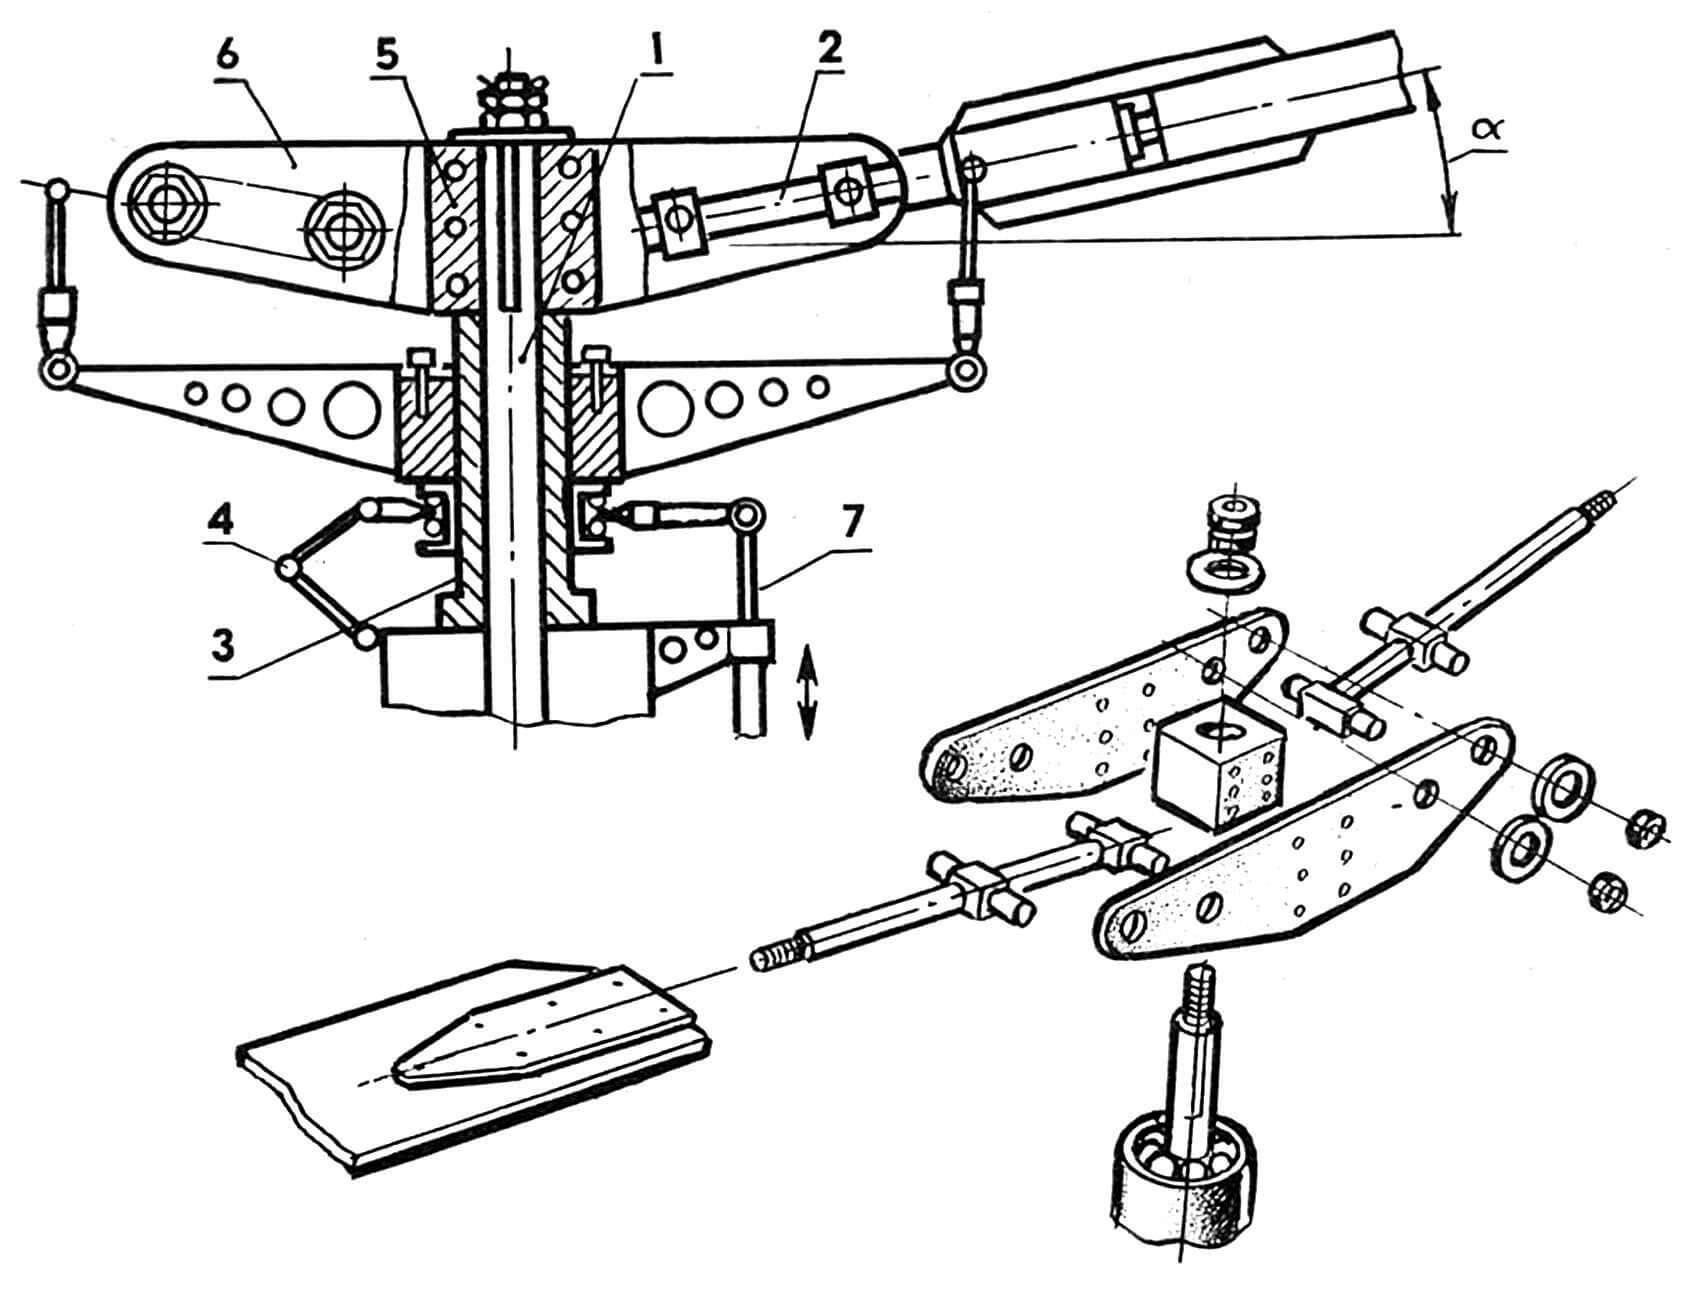 Рис. 6. Втулка несущего винта с механизмом угла установки лопастей: 1 — вал ротора, 2 — ось горизонтального шарнира, 3 — стакан, 4 — шлиц-шарнир, 5 — ступица втулки, 6 — траверса, 7 — тяга управления шагом винта.